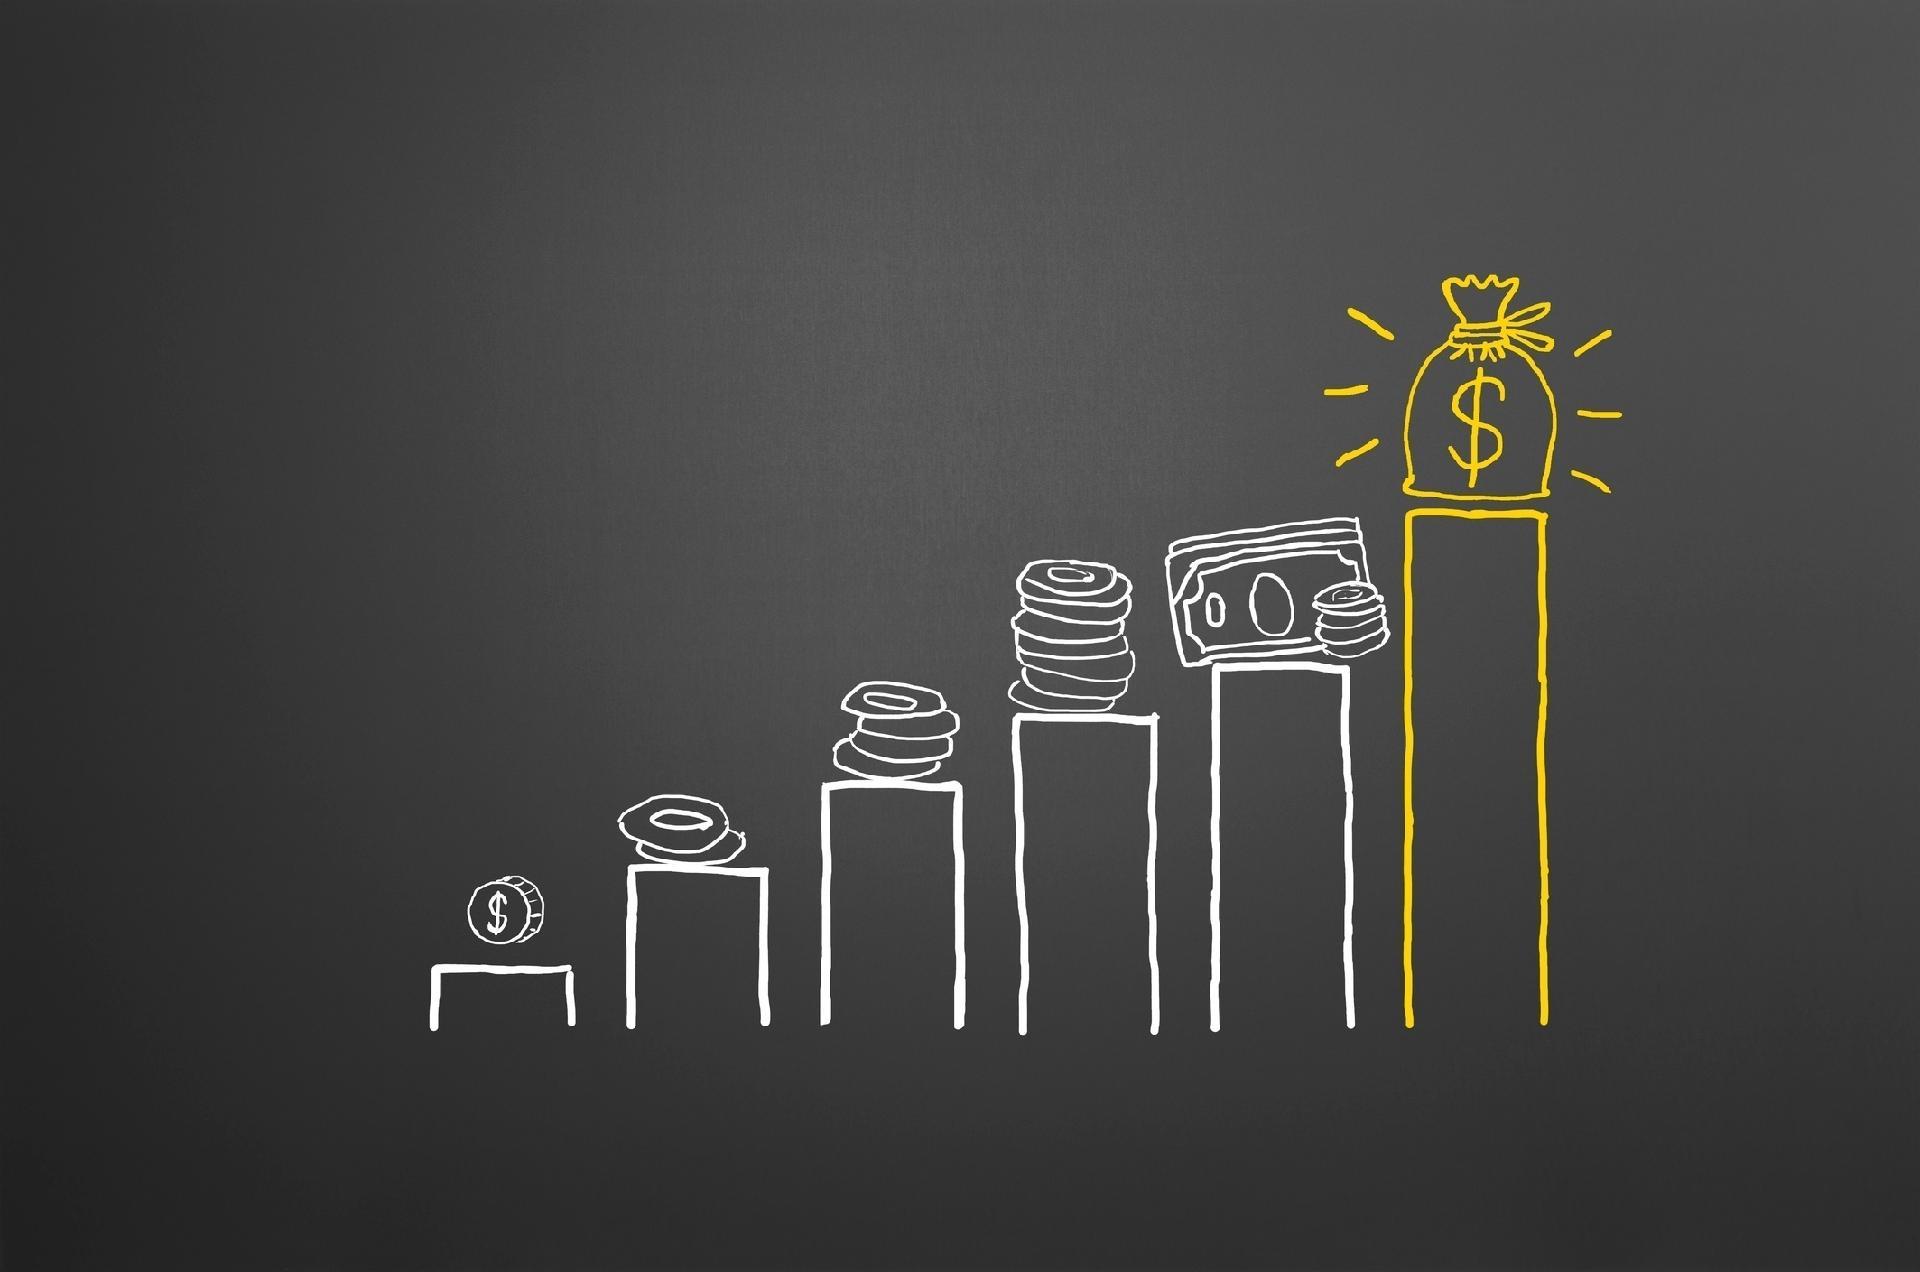 Divibank anuncia aporte de R$ 20 milhões liderado pela Better Tomorrow Ventures